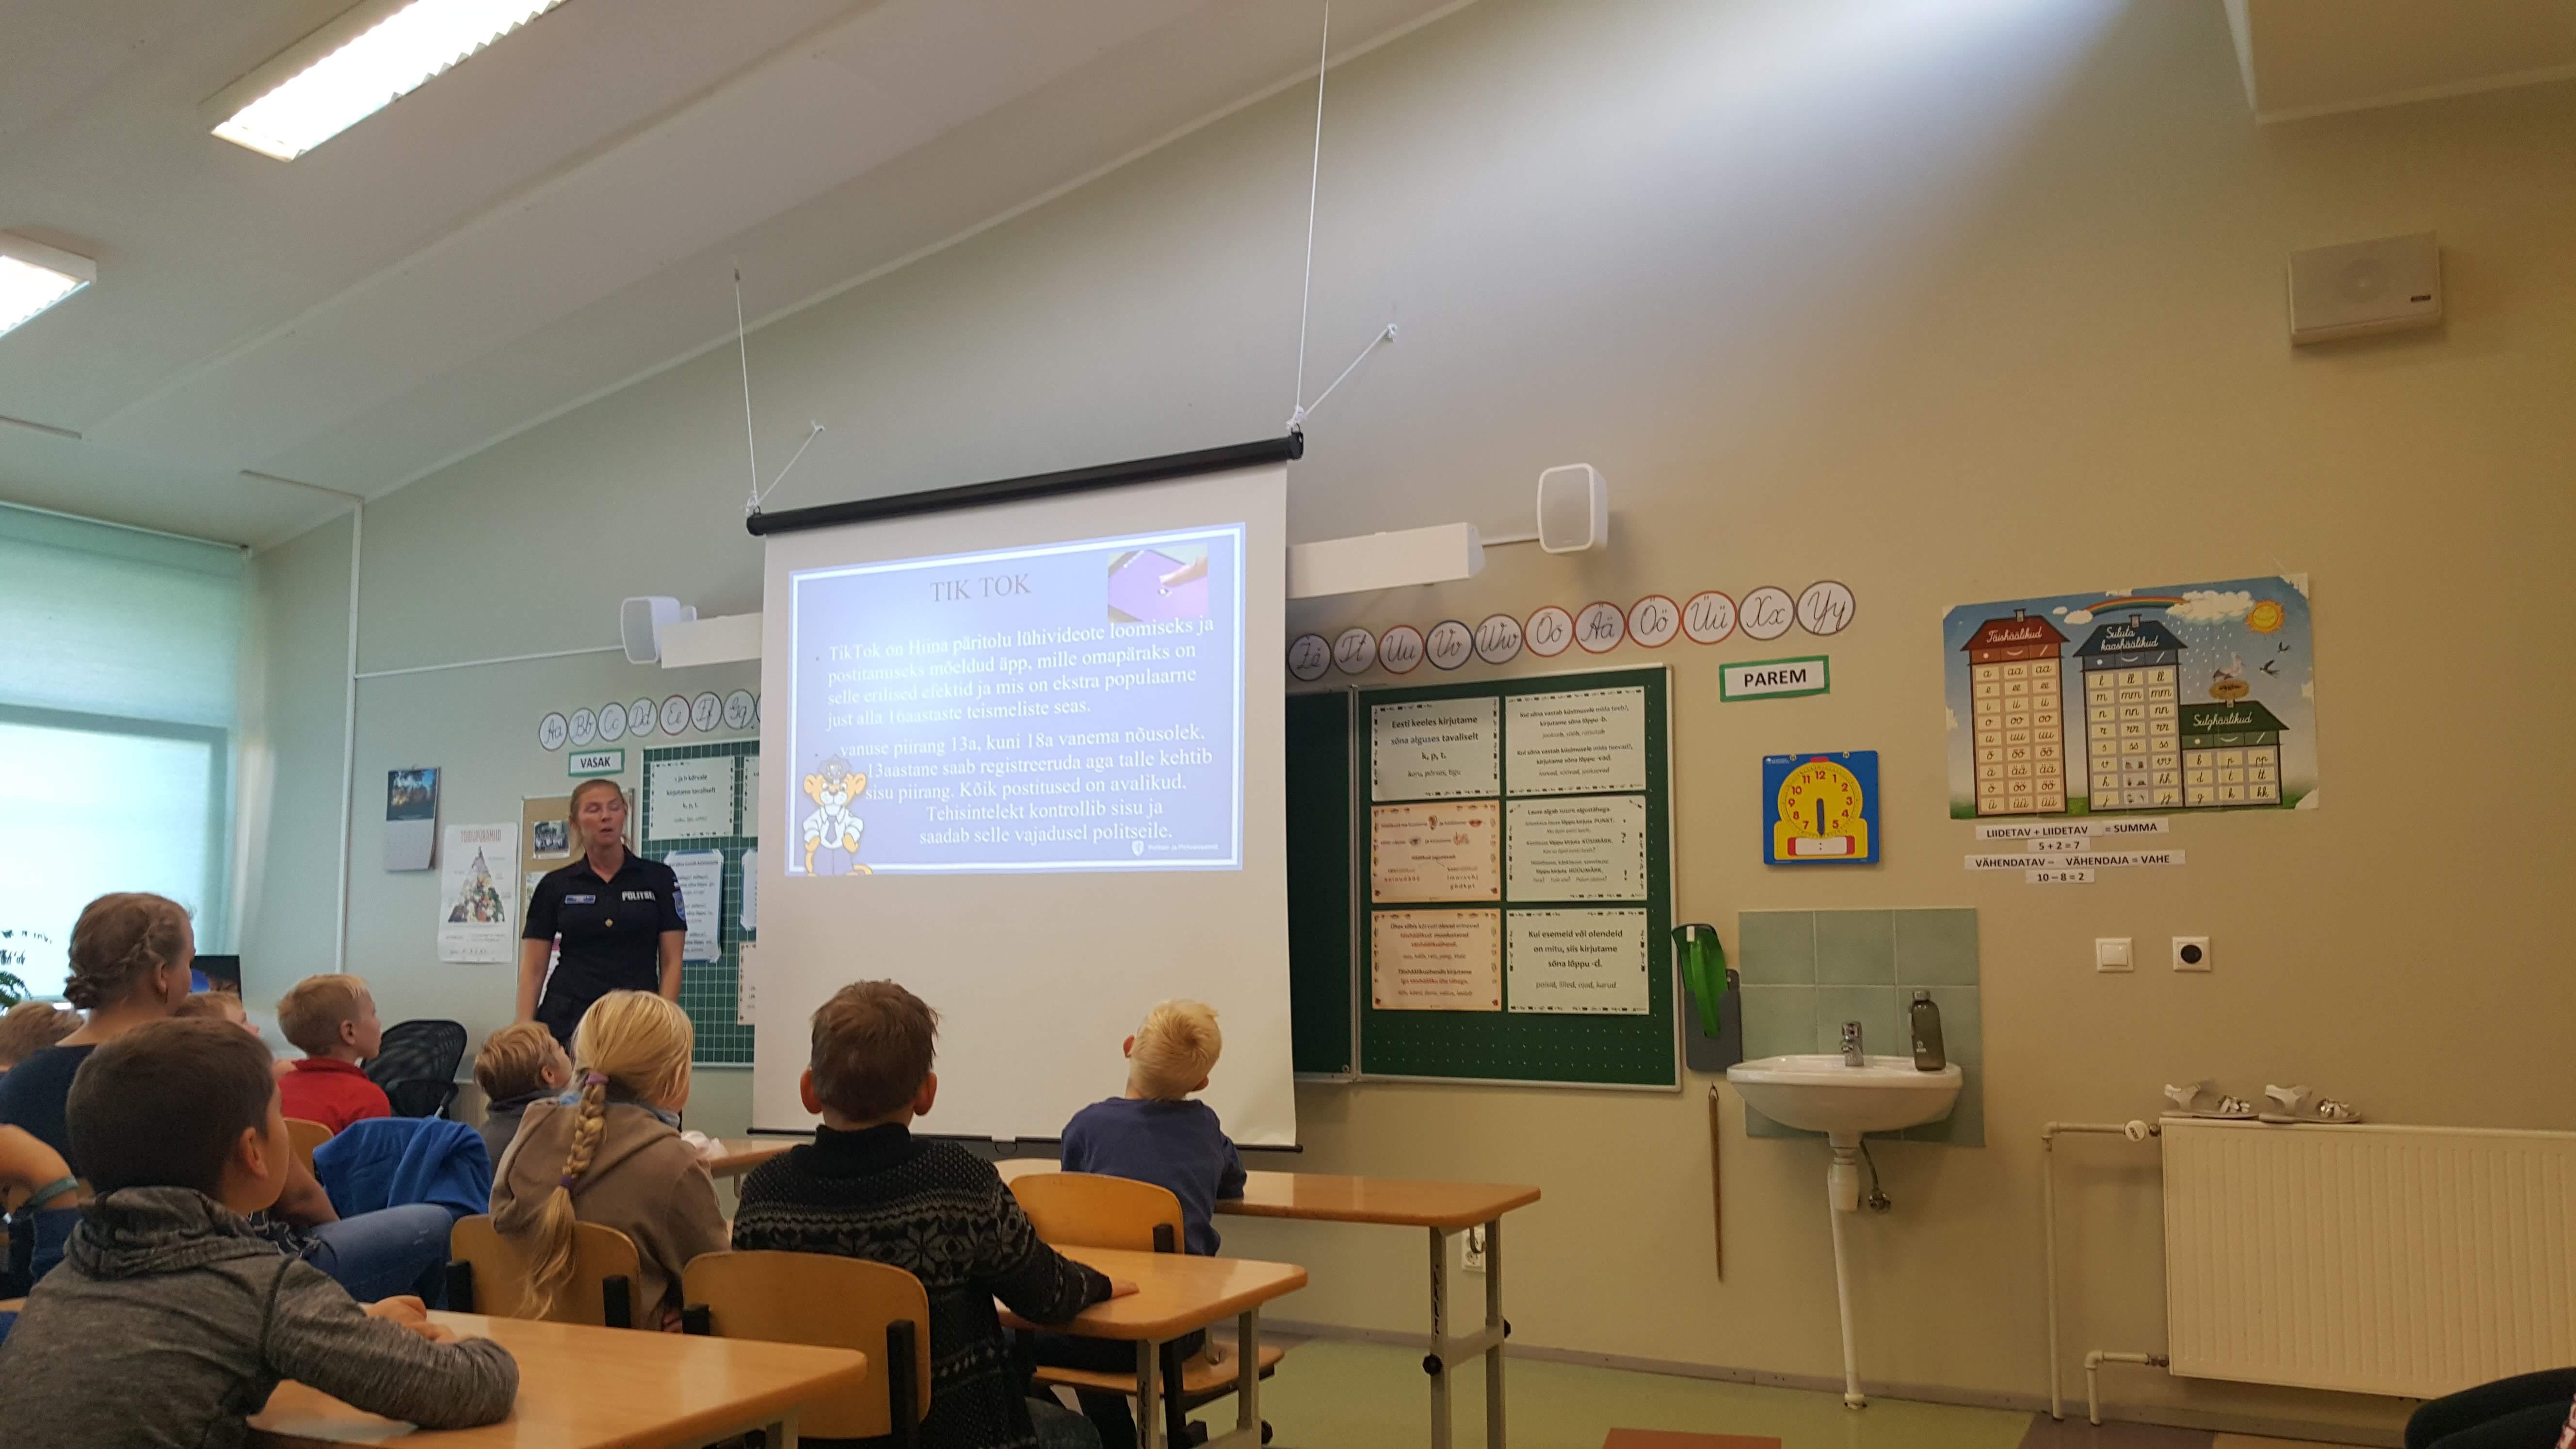 Internetiturvalisuse koolitus Kärla koolis. Noorsoopolitseinik Anneli Tiik